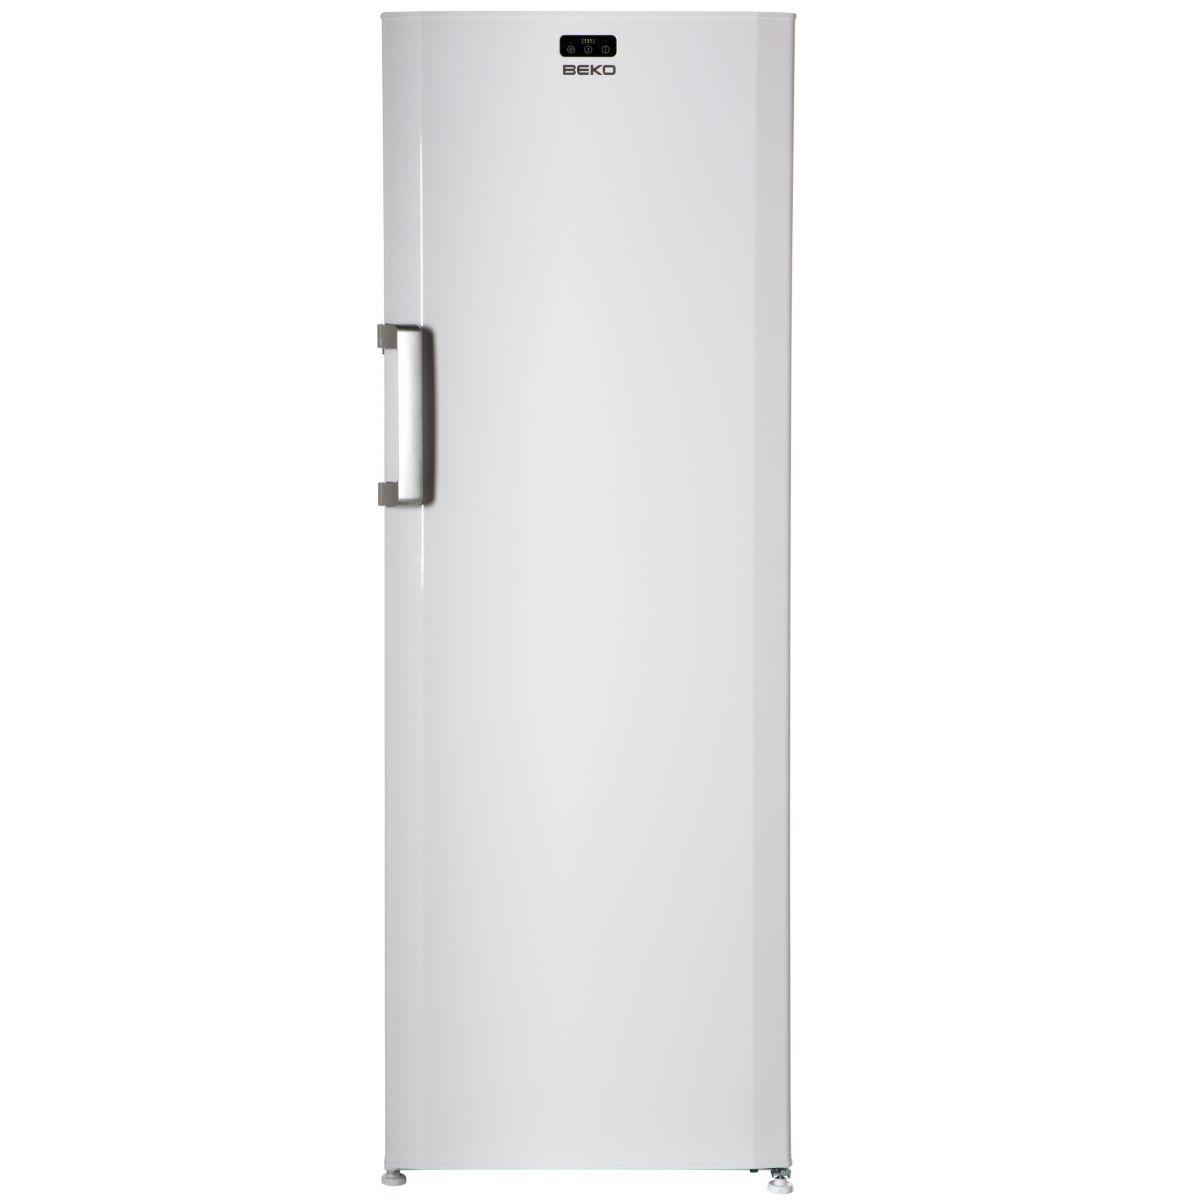 Beko fs127320 cong lateur armoire 222 litres comparer avec - Congelateur armoire 120 litres ...